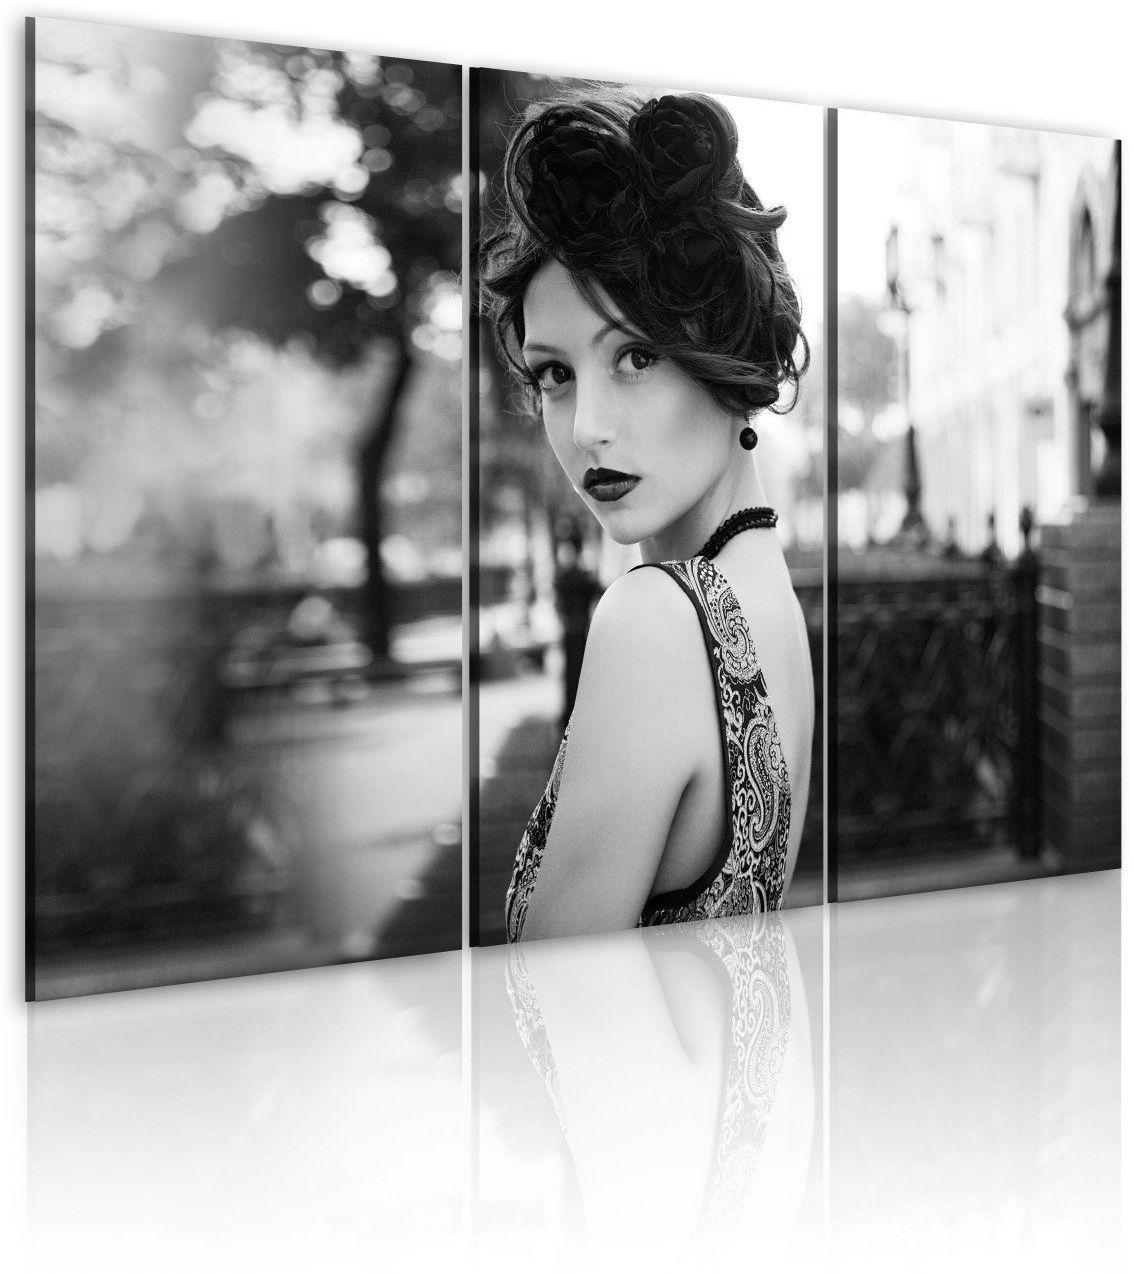 Obraz - elegancka kobieta w stylu retro